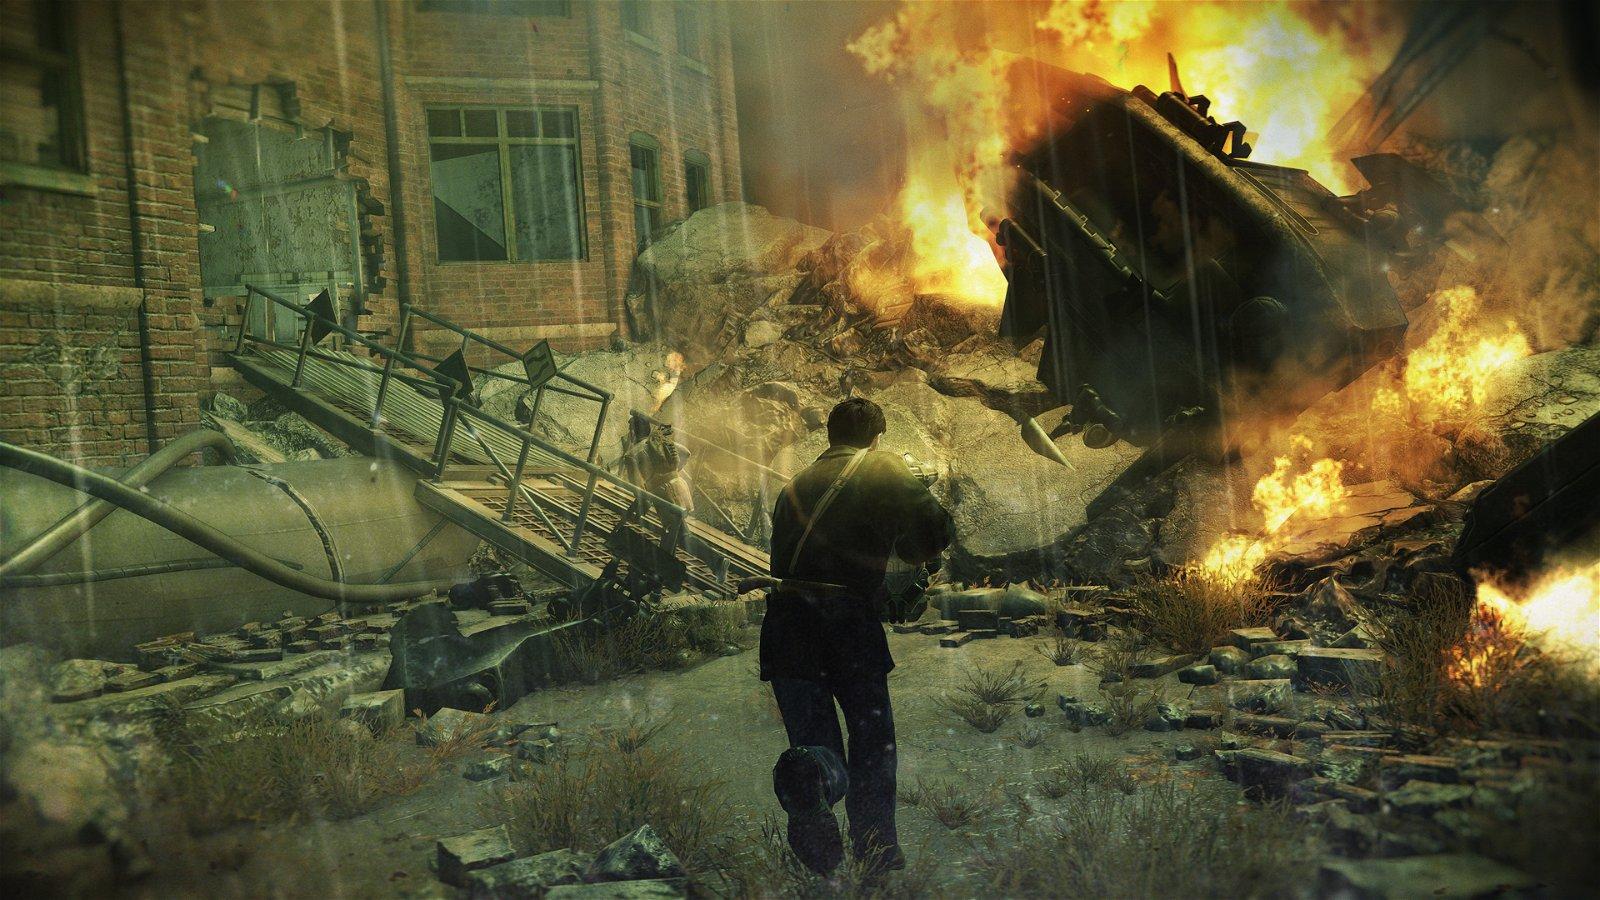 Essential Playstation Titles That Deserve A Psvr Makeover 1